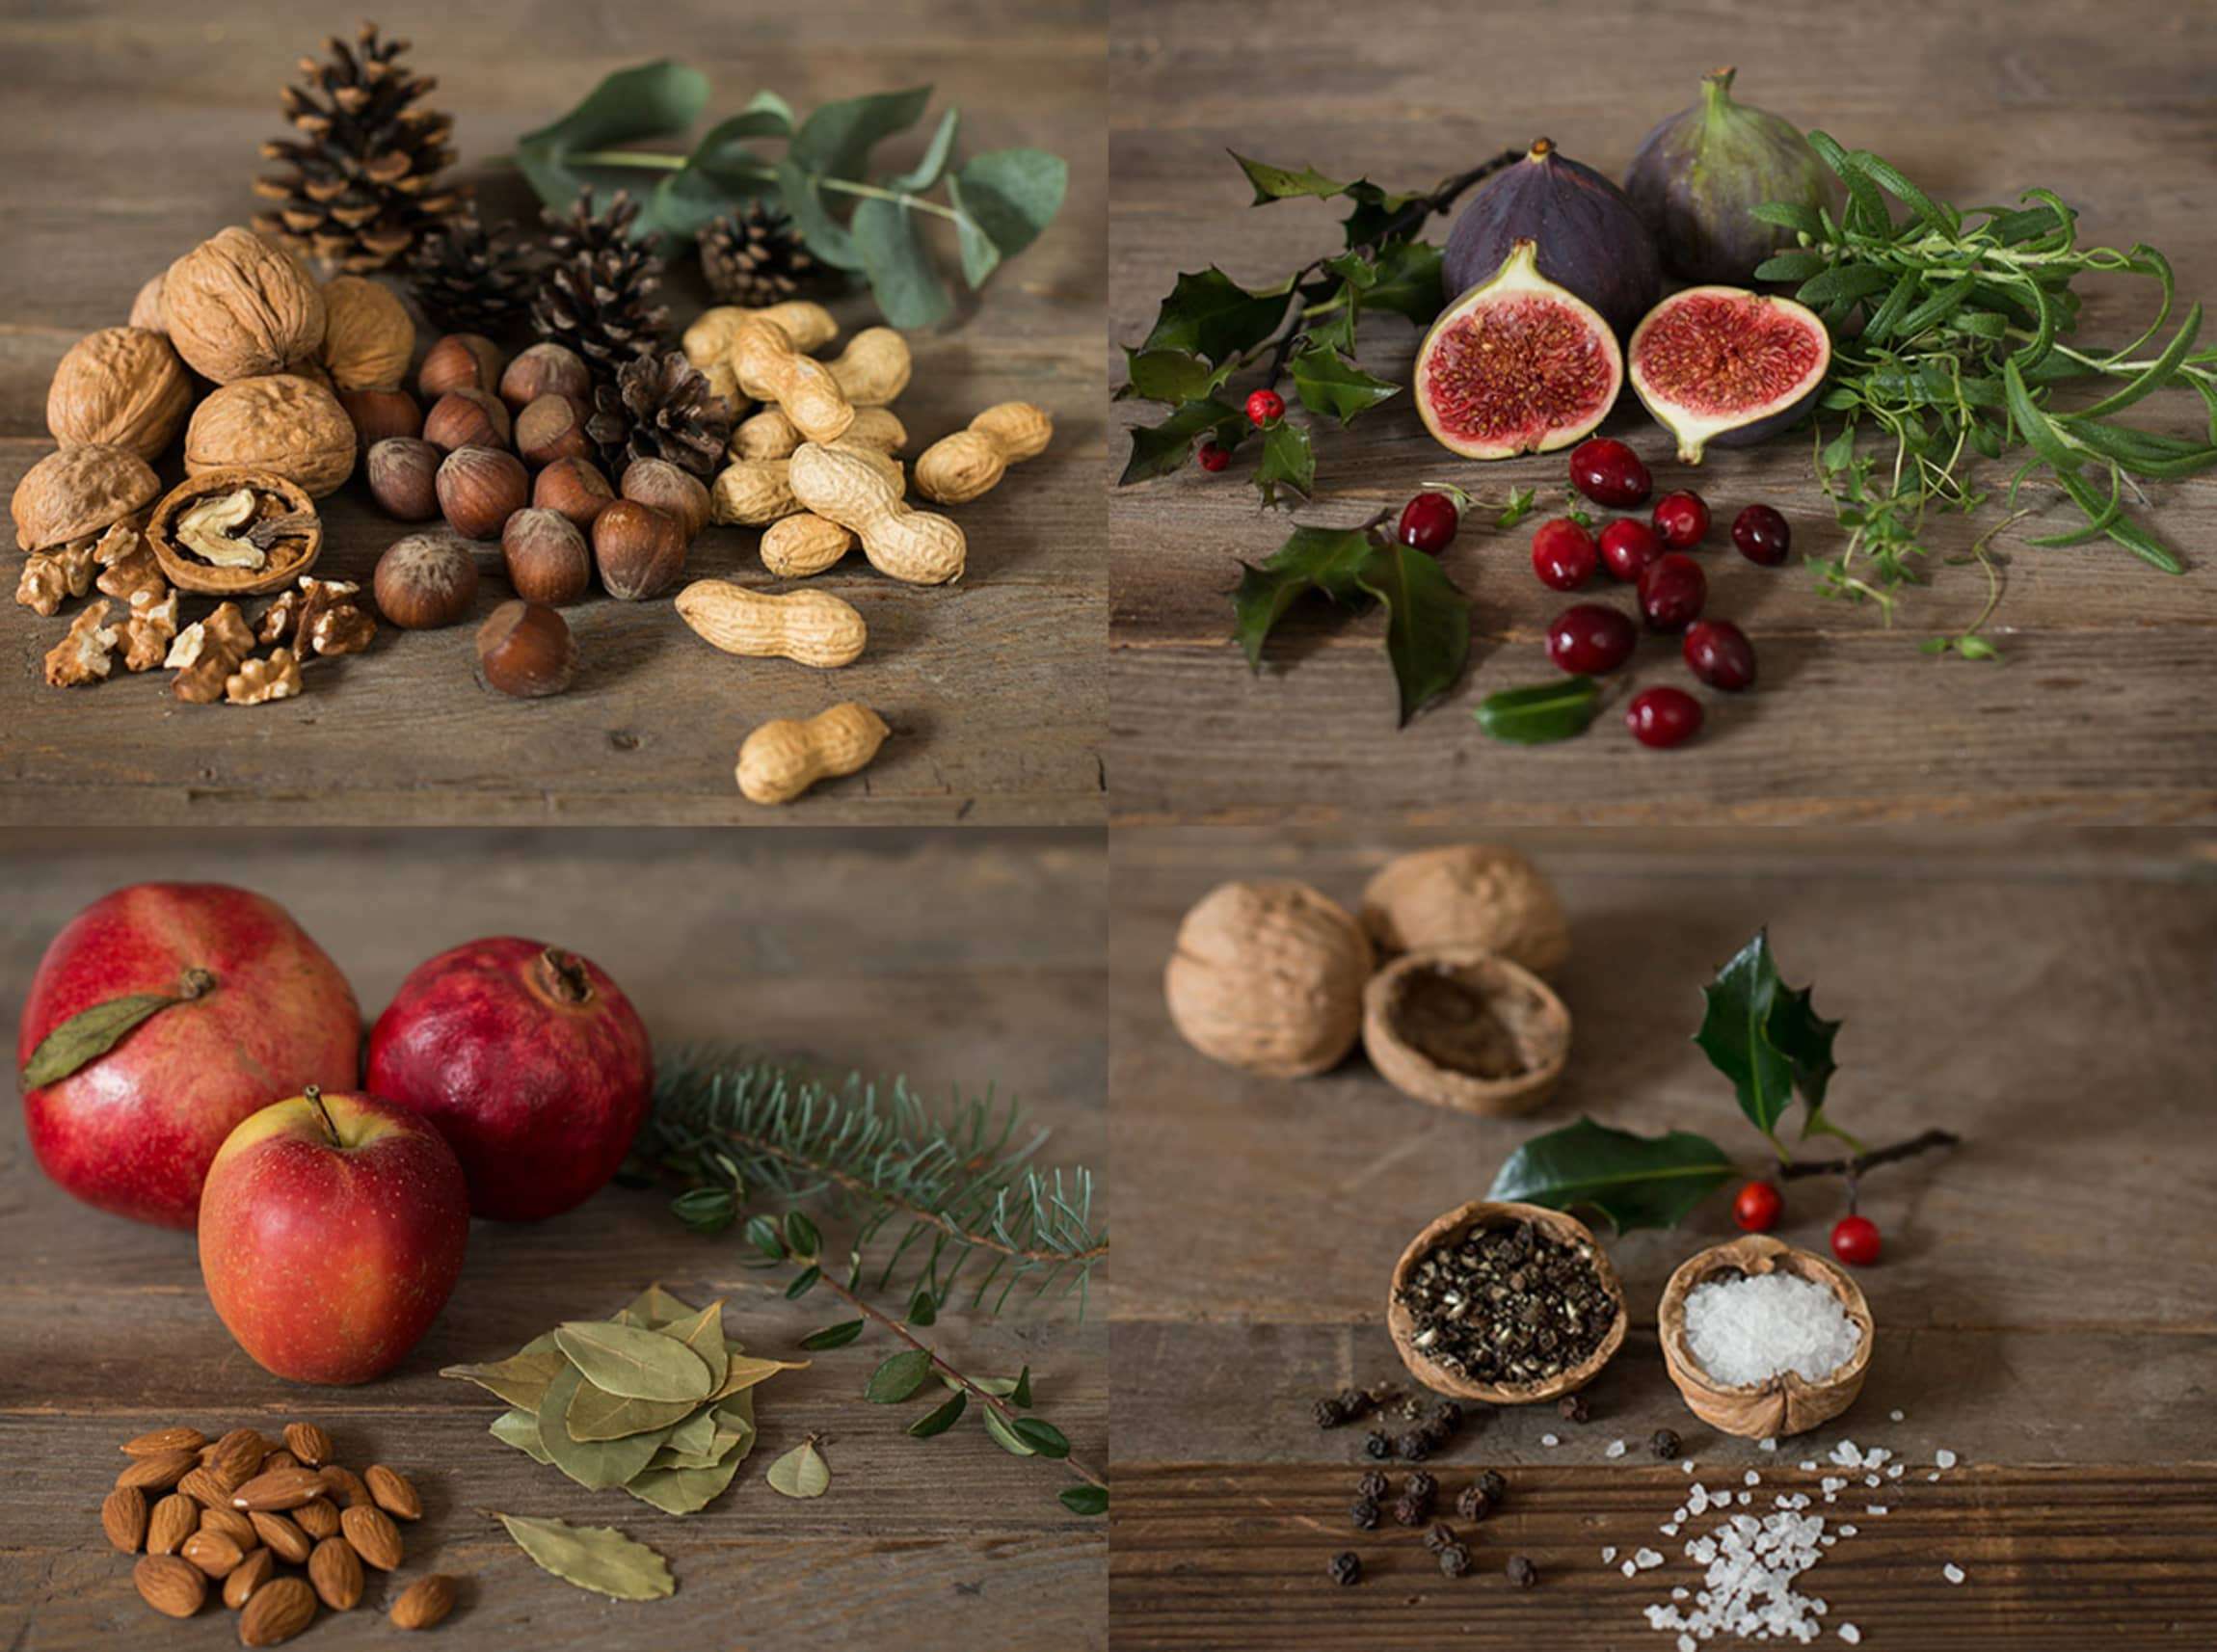 Nøtter, frukt og krydder blir flotte dekorasjoner!